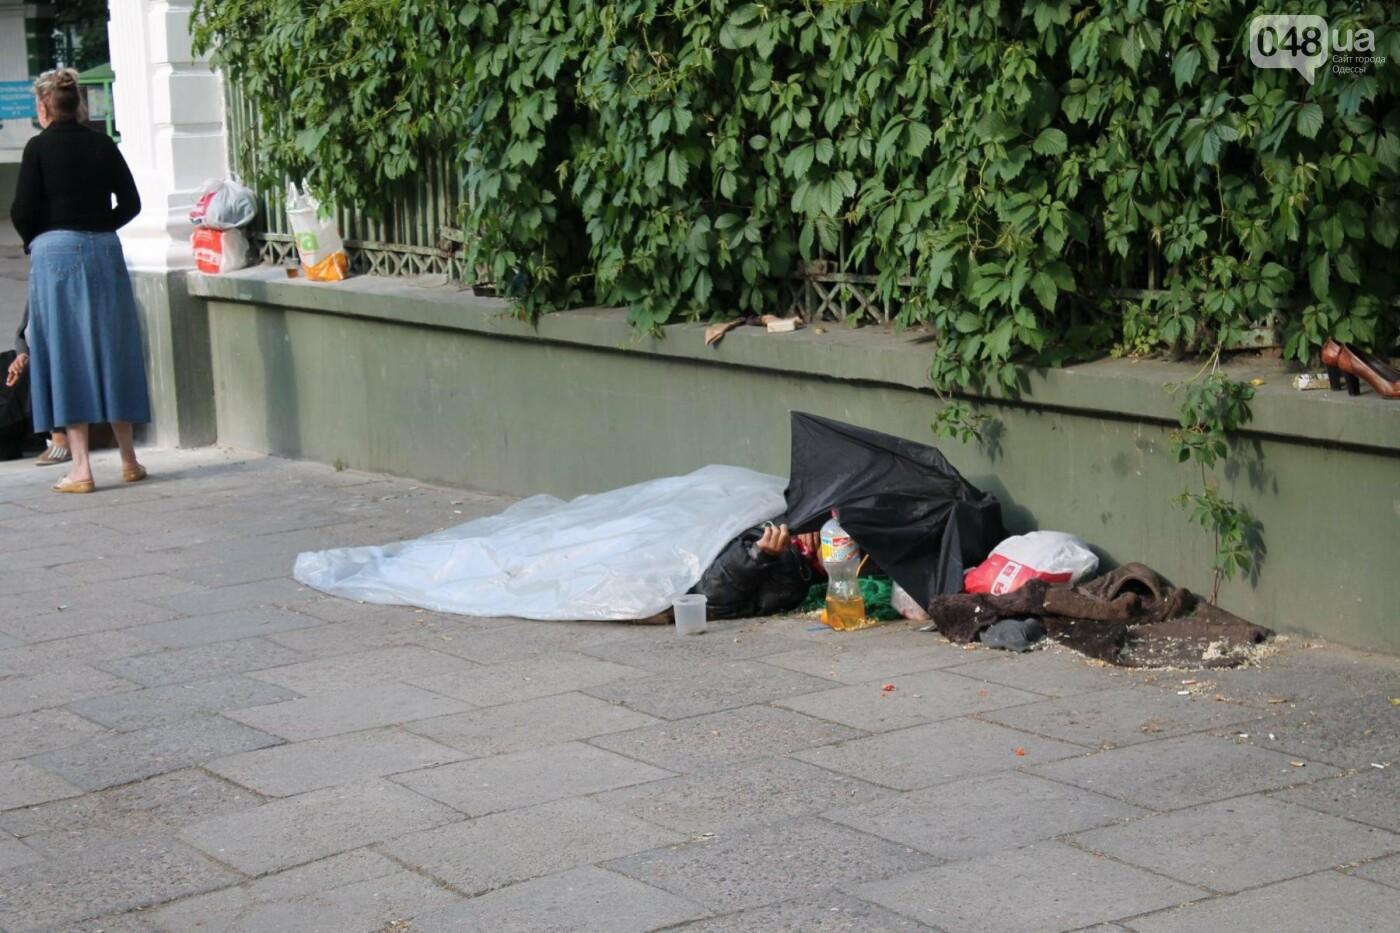 В Одессе парализованная старушка месяц спала на асфальте у церкви, - ФОТО, фото-2